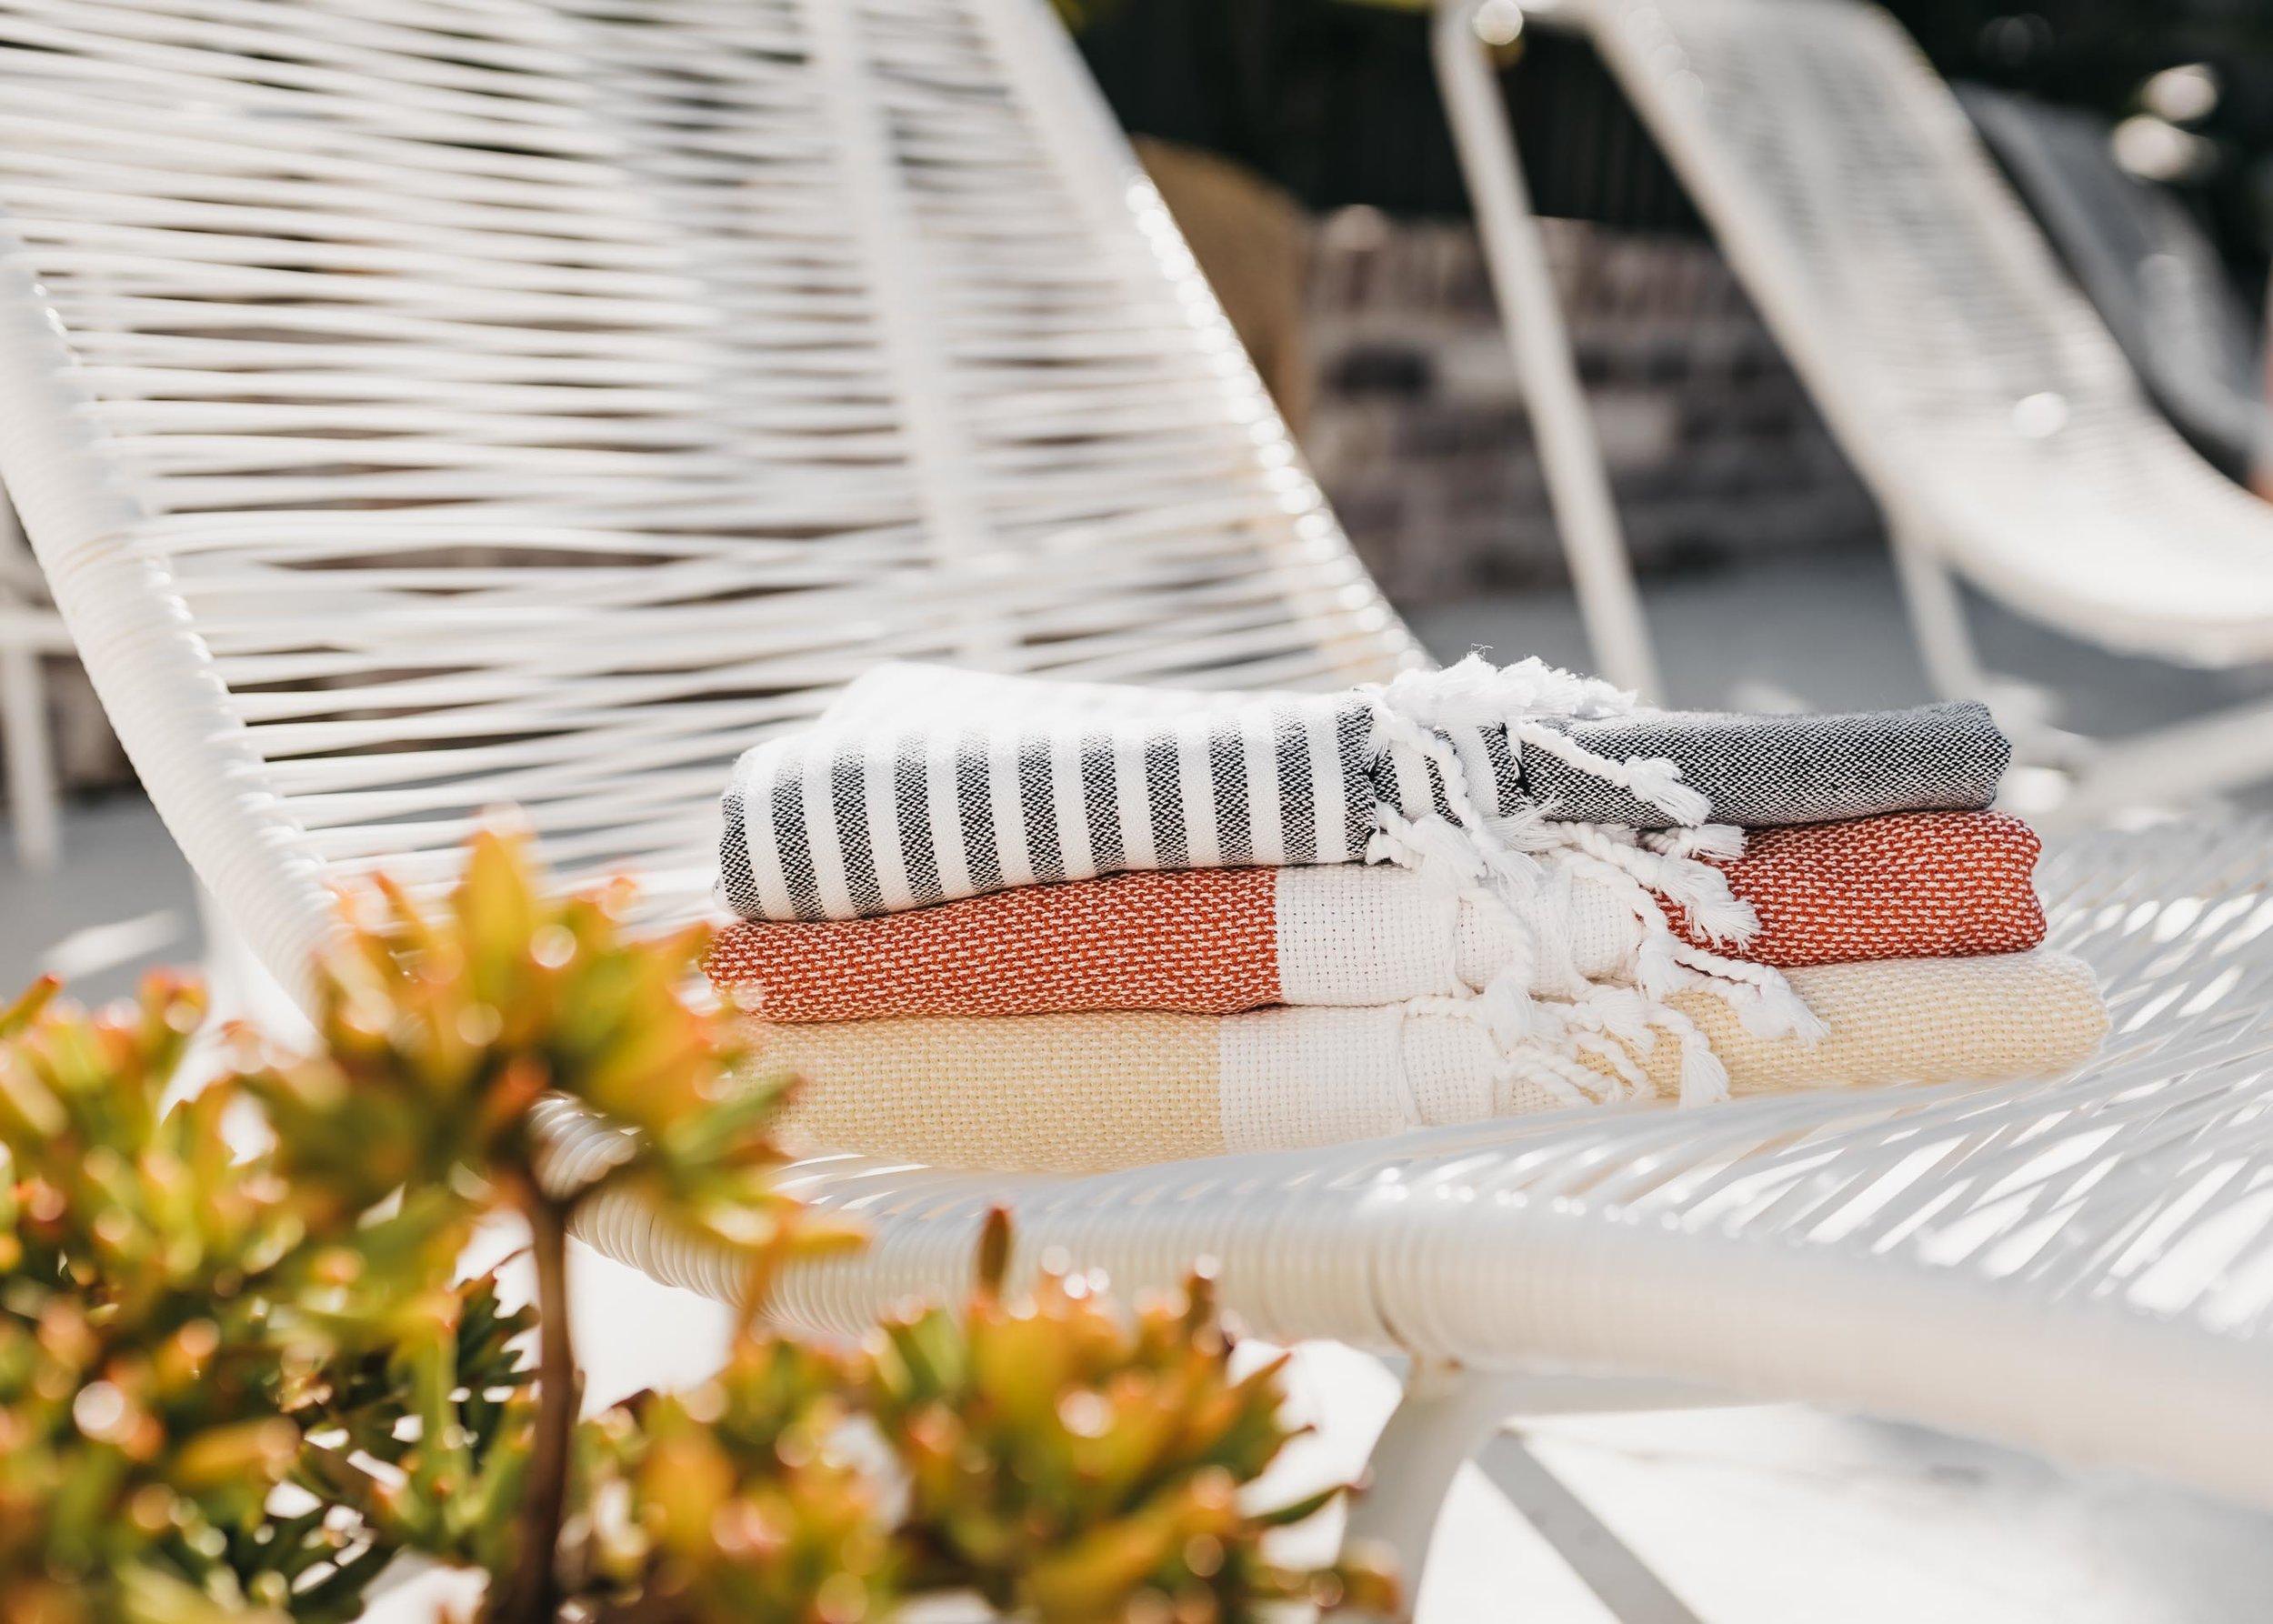 keira-mason-aegean-loom-turkish-towels-folded.jpg